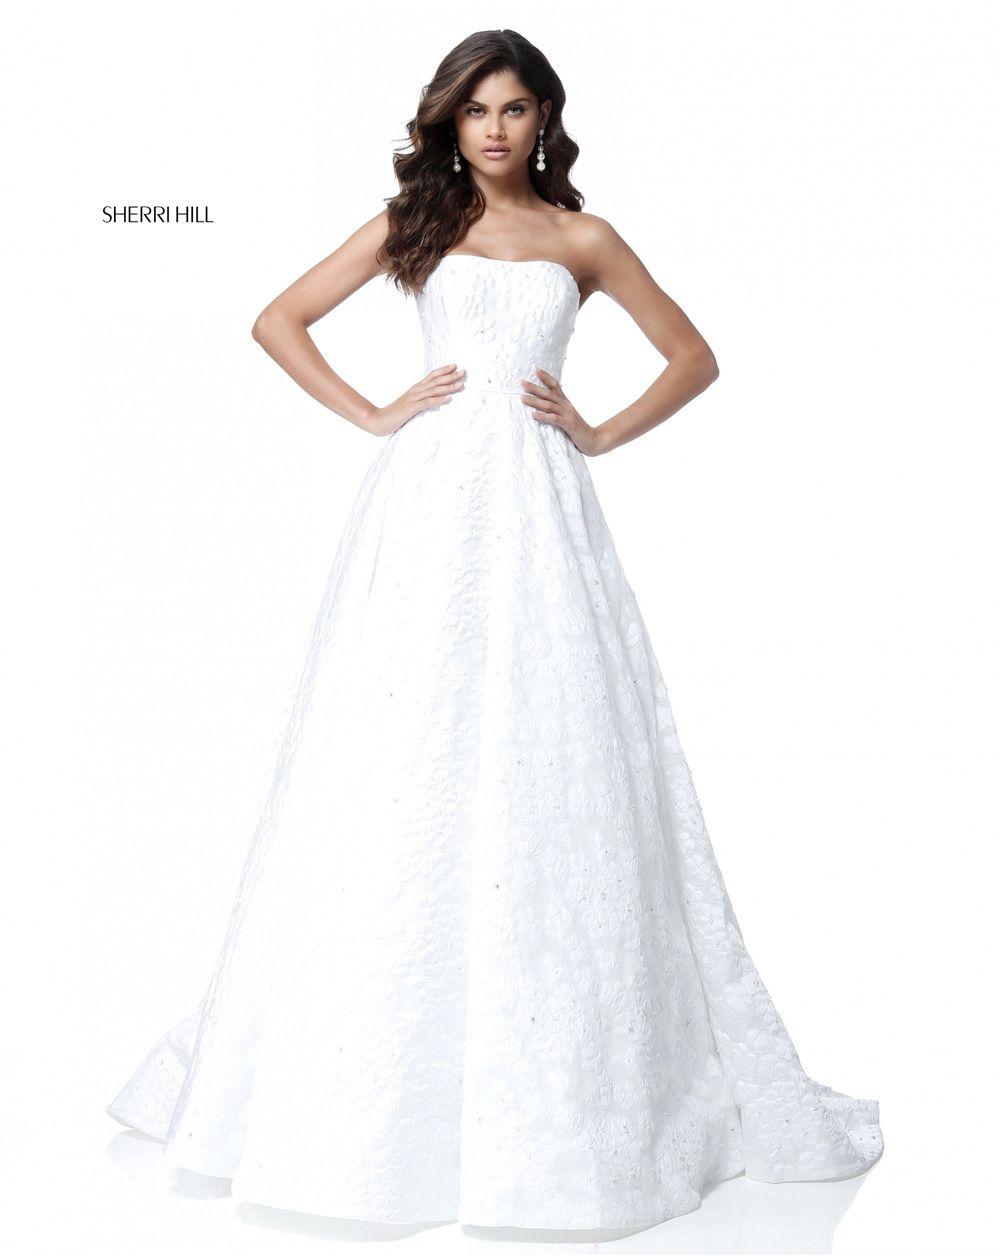 tendencia en vestidos de fiesta 2018 (27)